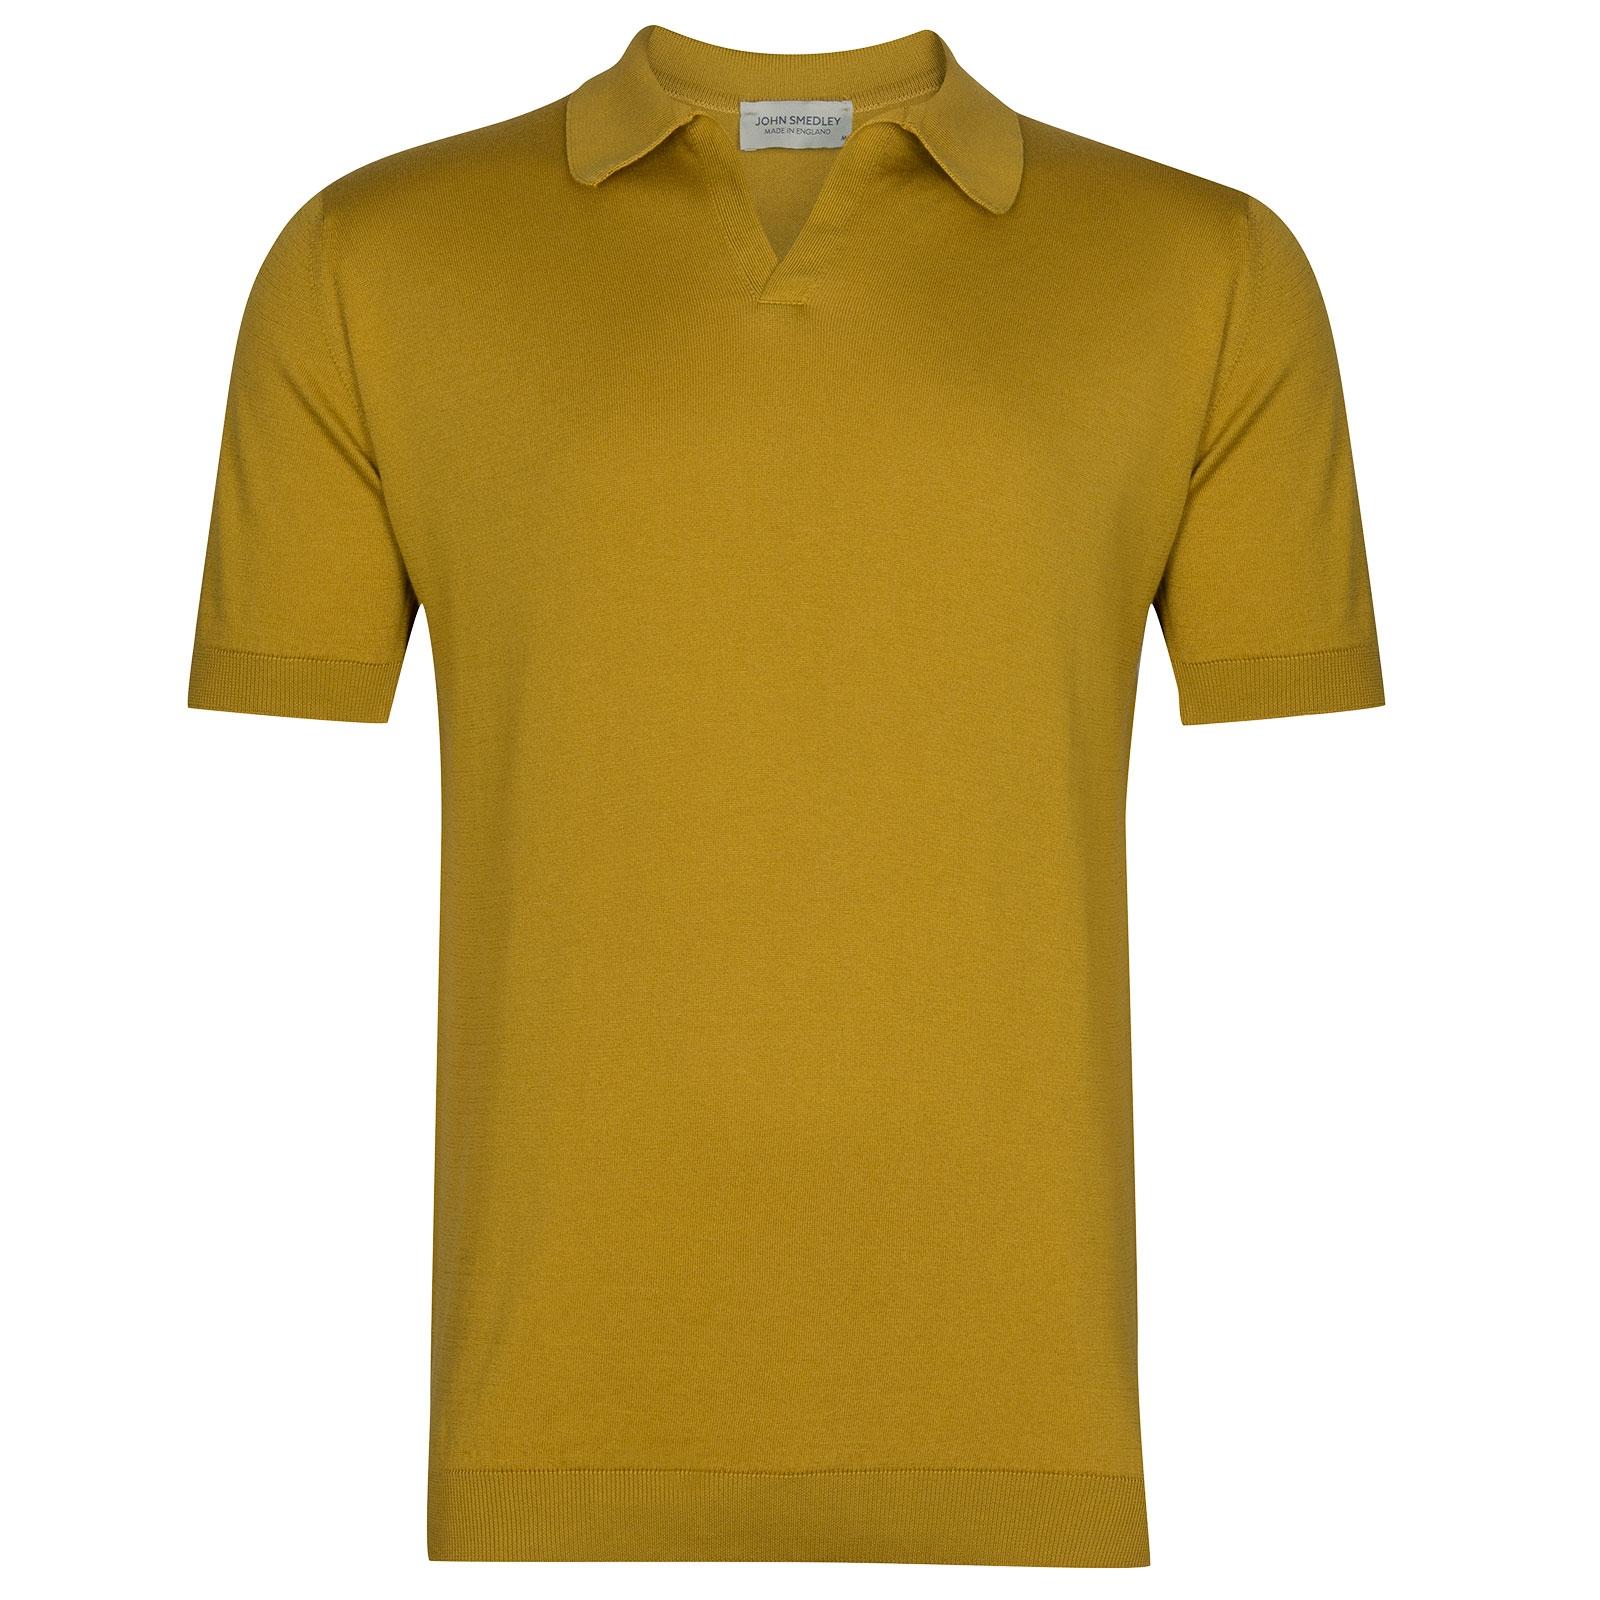 John Smedley Noah in Stamen Yellow Shirt-XLG